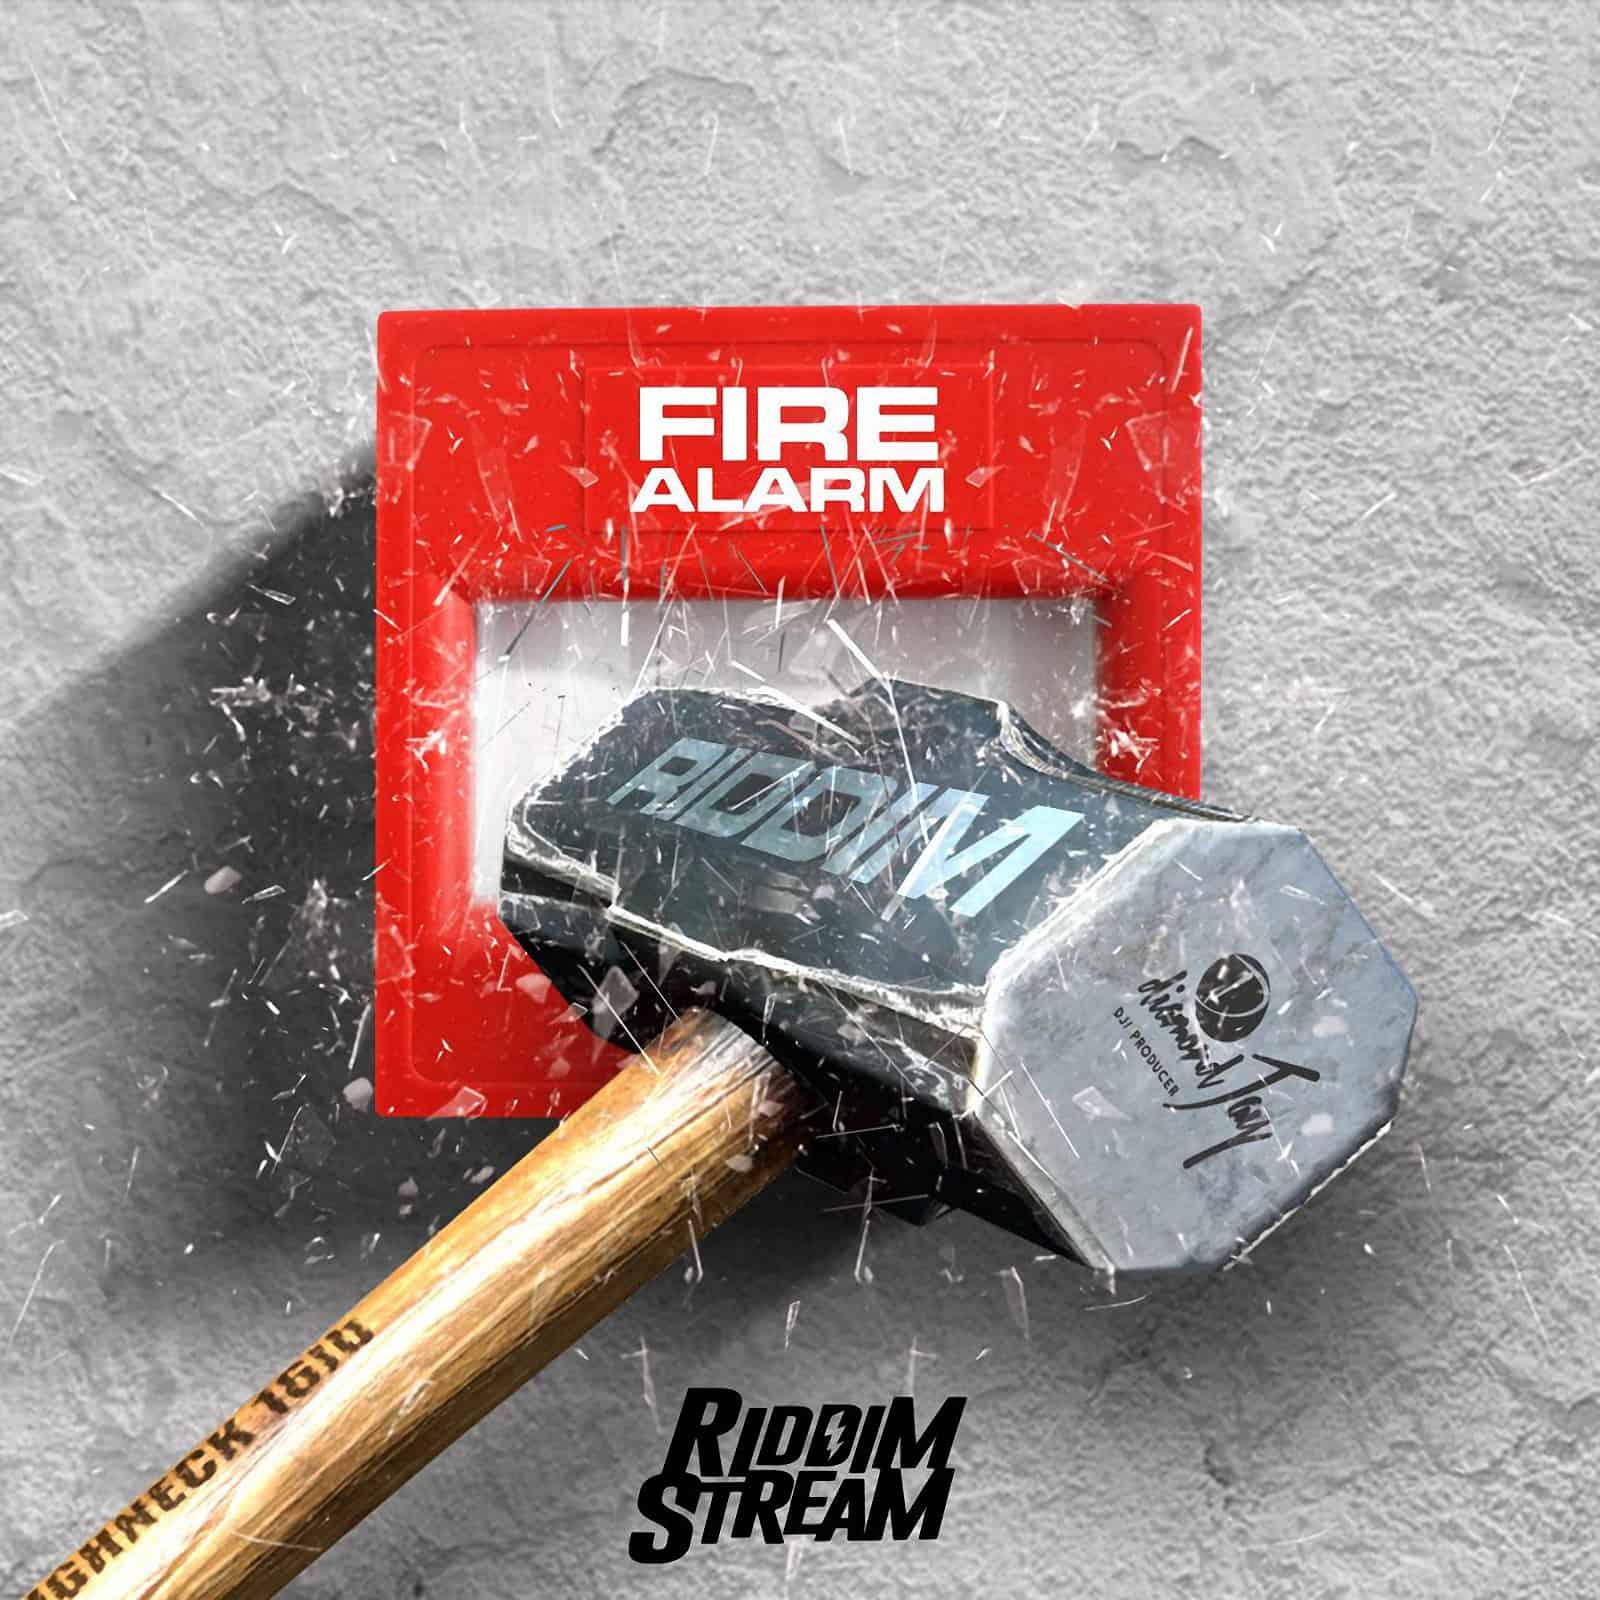 Fire Alarm Riddim - Diamond Jay, Freezy, Blackboy & Mighty